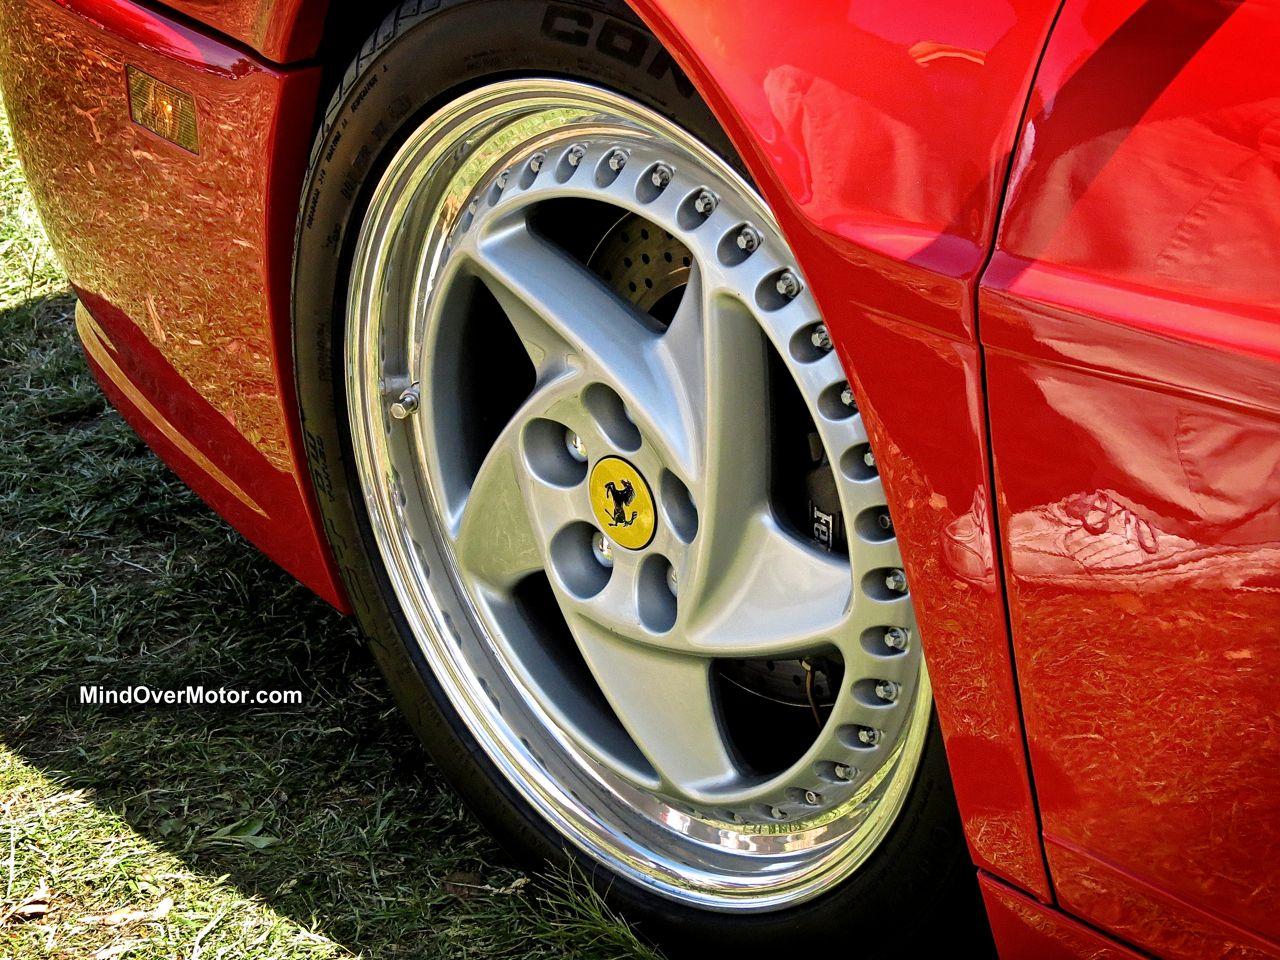 Ferrari 512M Wheel